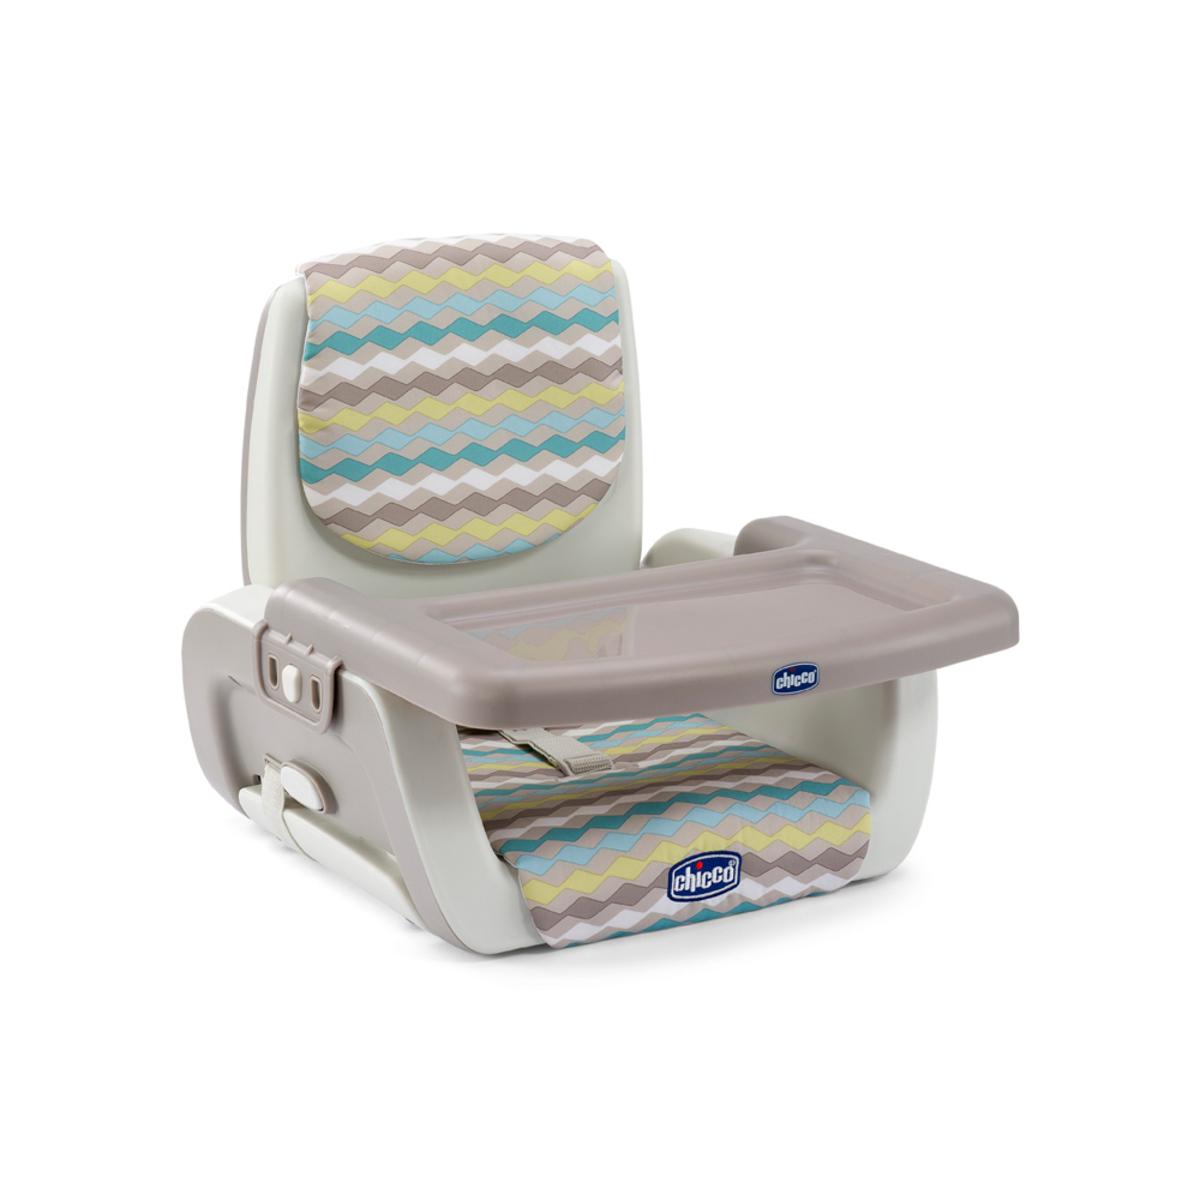 rehausseur mode moonlight 05079036850000 achat vente chaise haute sur. Black Bedroom Furniture Sets. Home Design Ideas